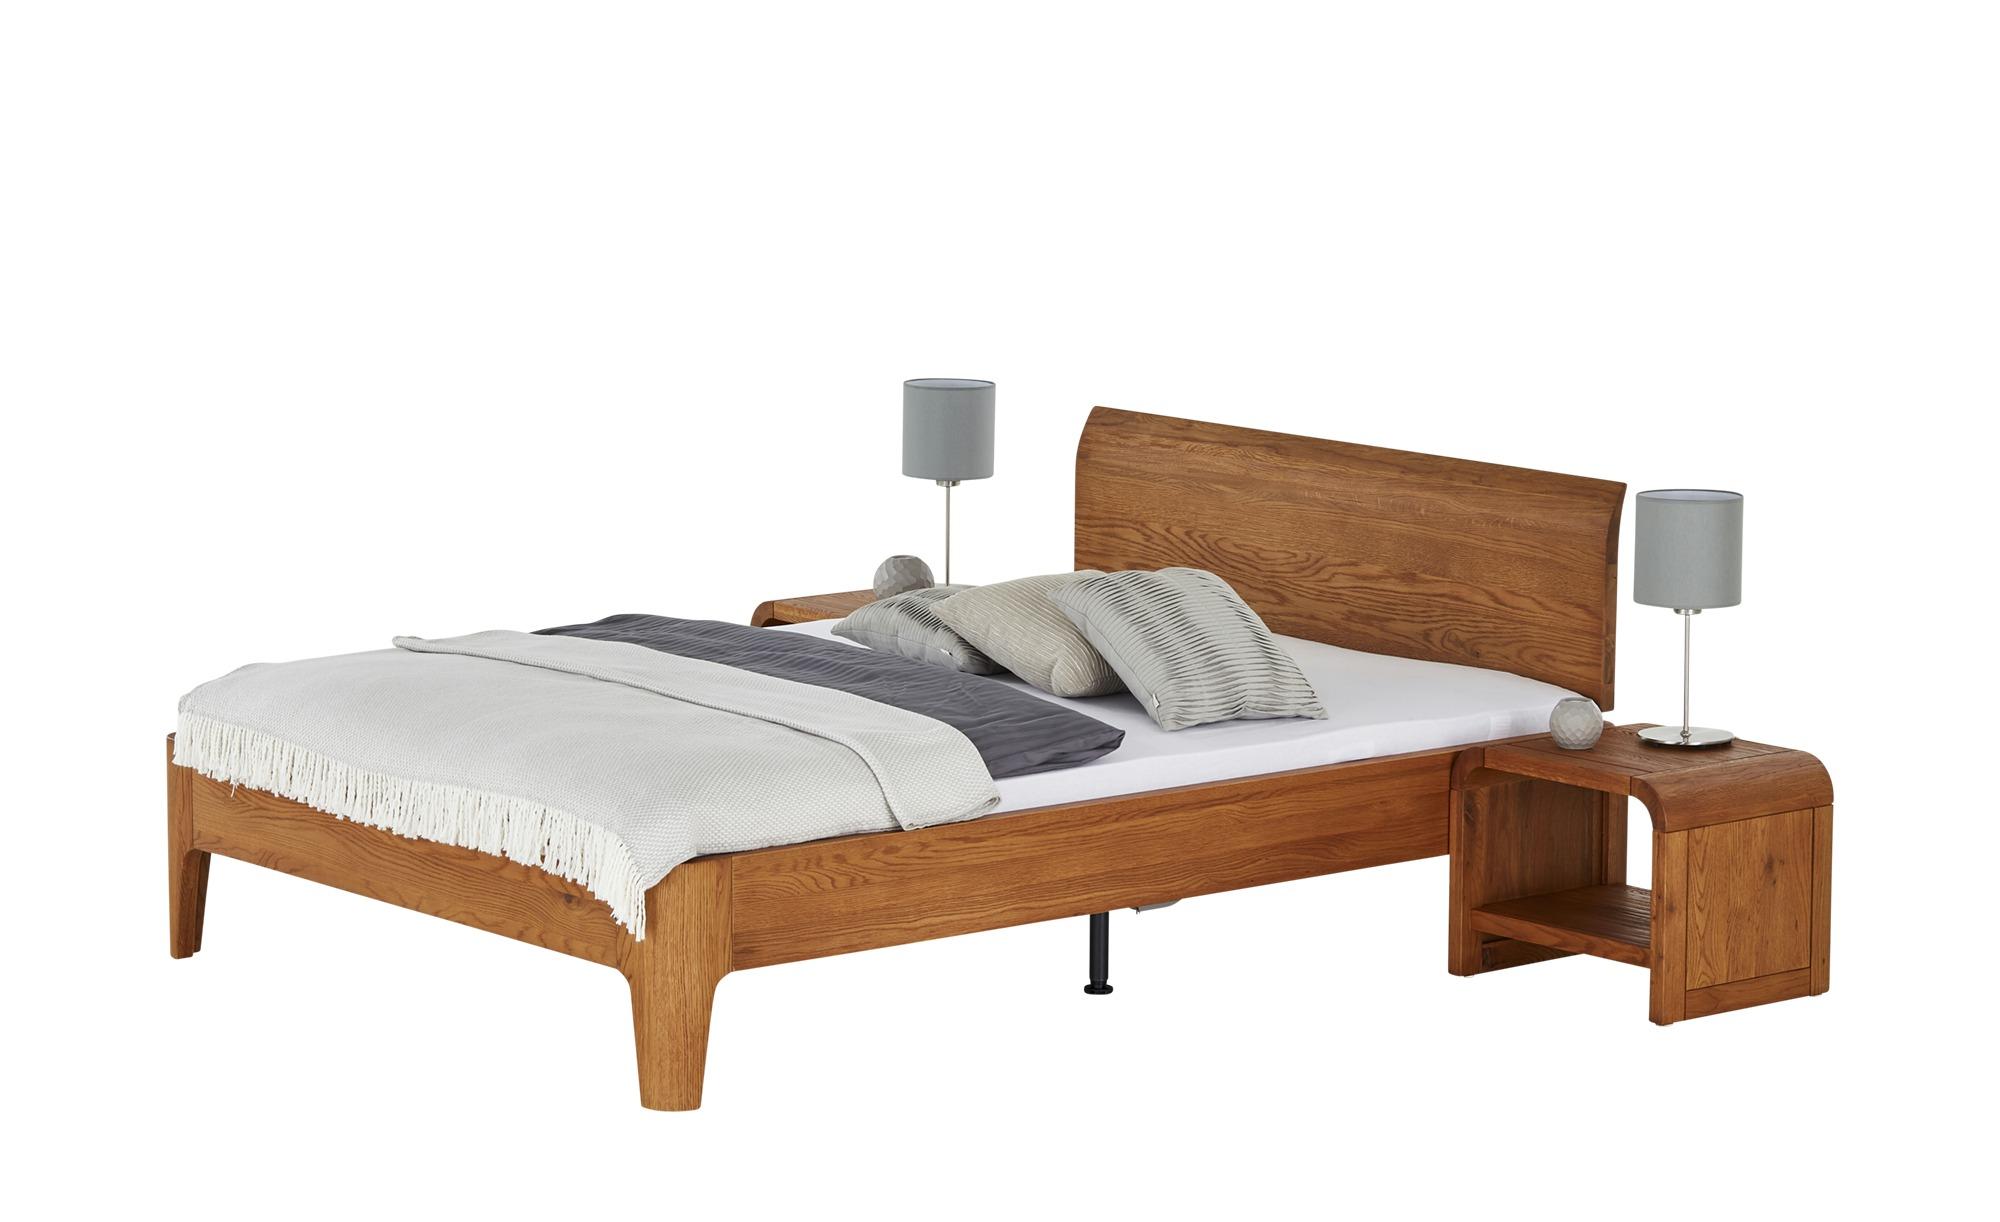 Bettgestell  Oak-Line ¦ holzfarben ¦ Maße (cm): B: 148 H: 85 Betten > Futonbetten - Höffner